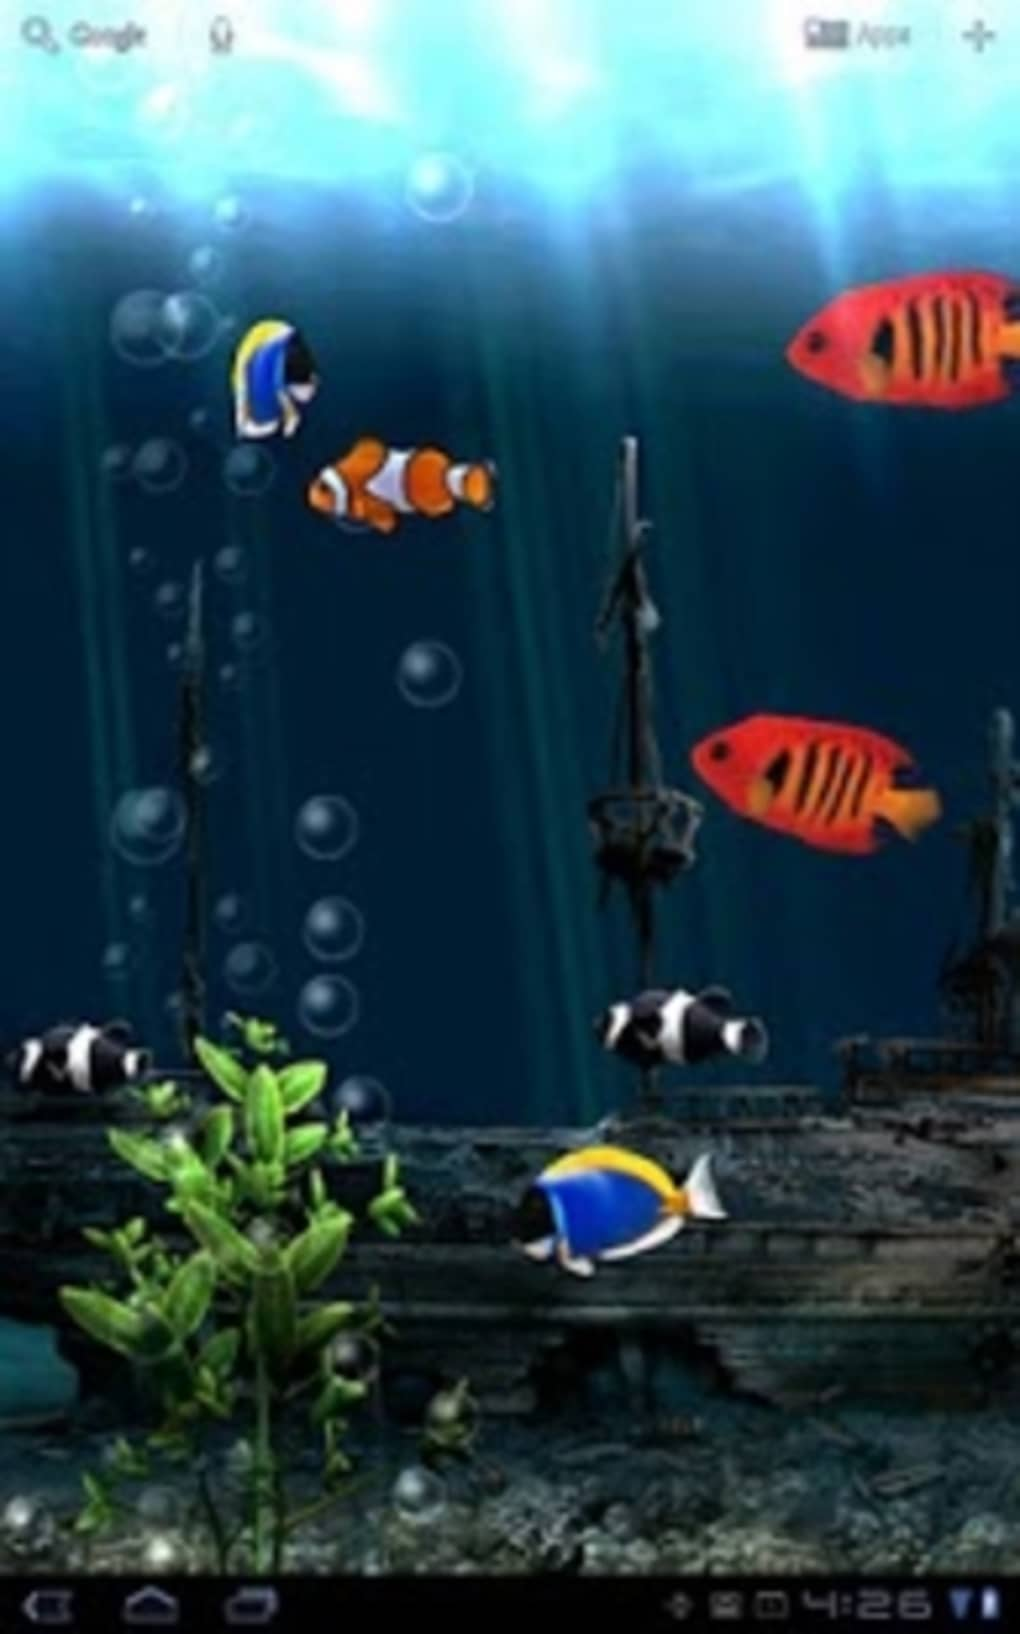 Aquarium Live Wallpaper Apk For Android Download